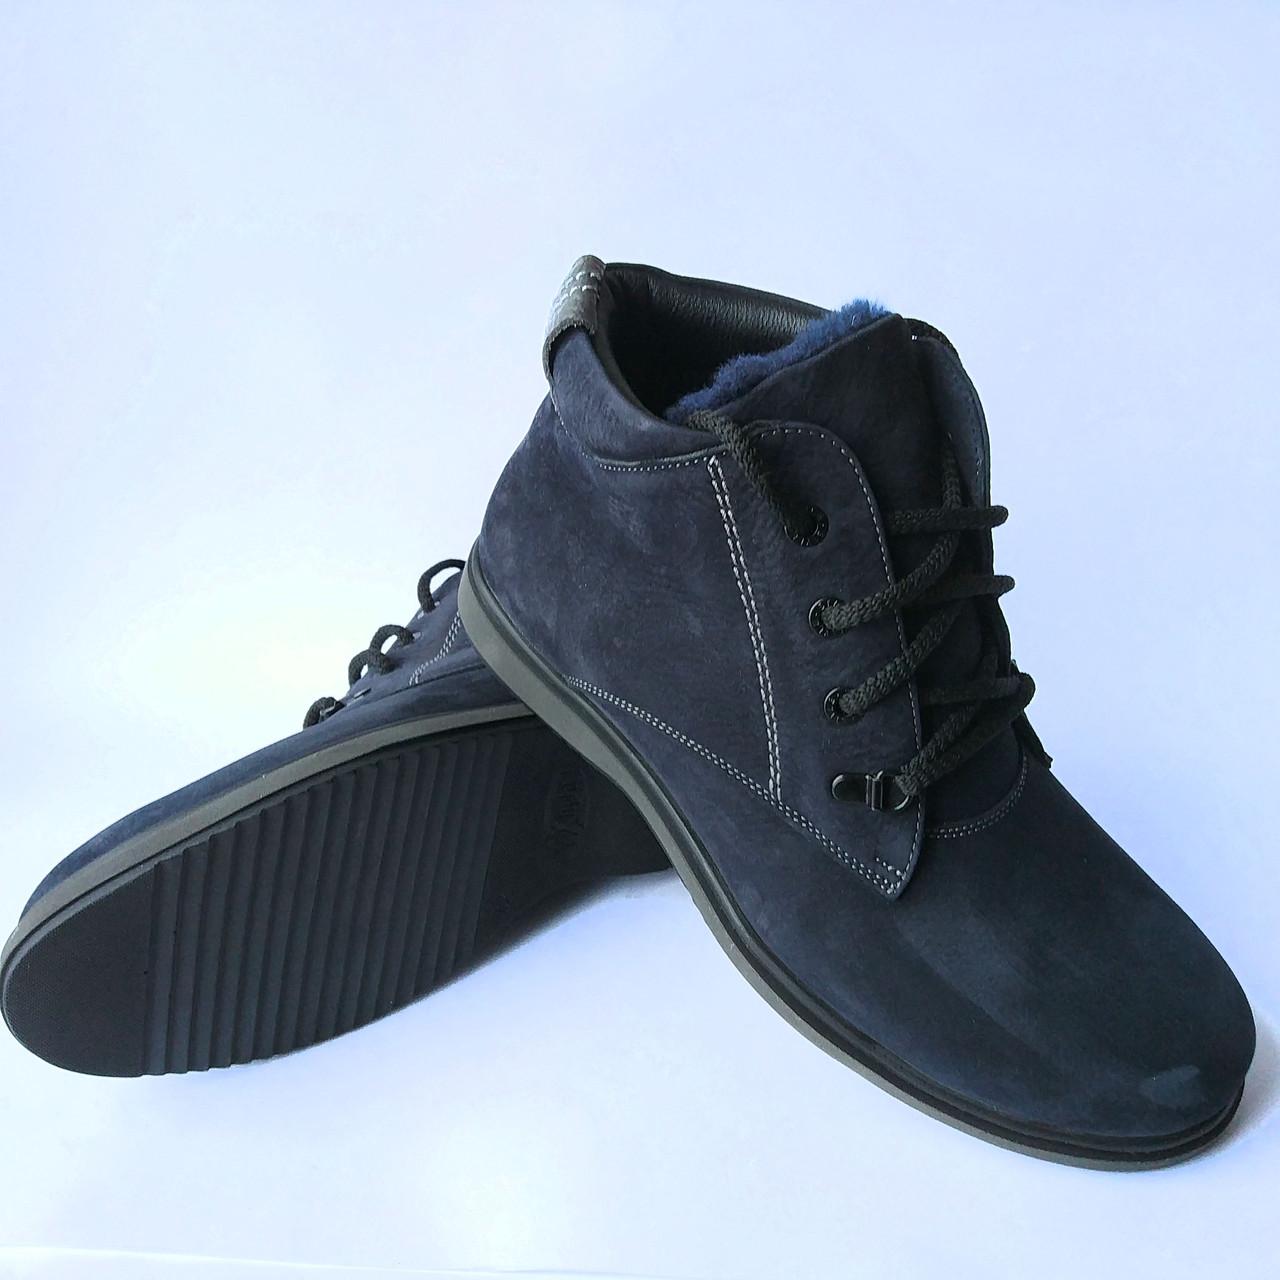 de3141c3c Купить мужскую обувь Бровары : зимние ботинки, замшевые, синего цвета, на  меху от фабрики Cliford